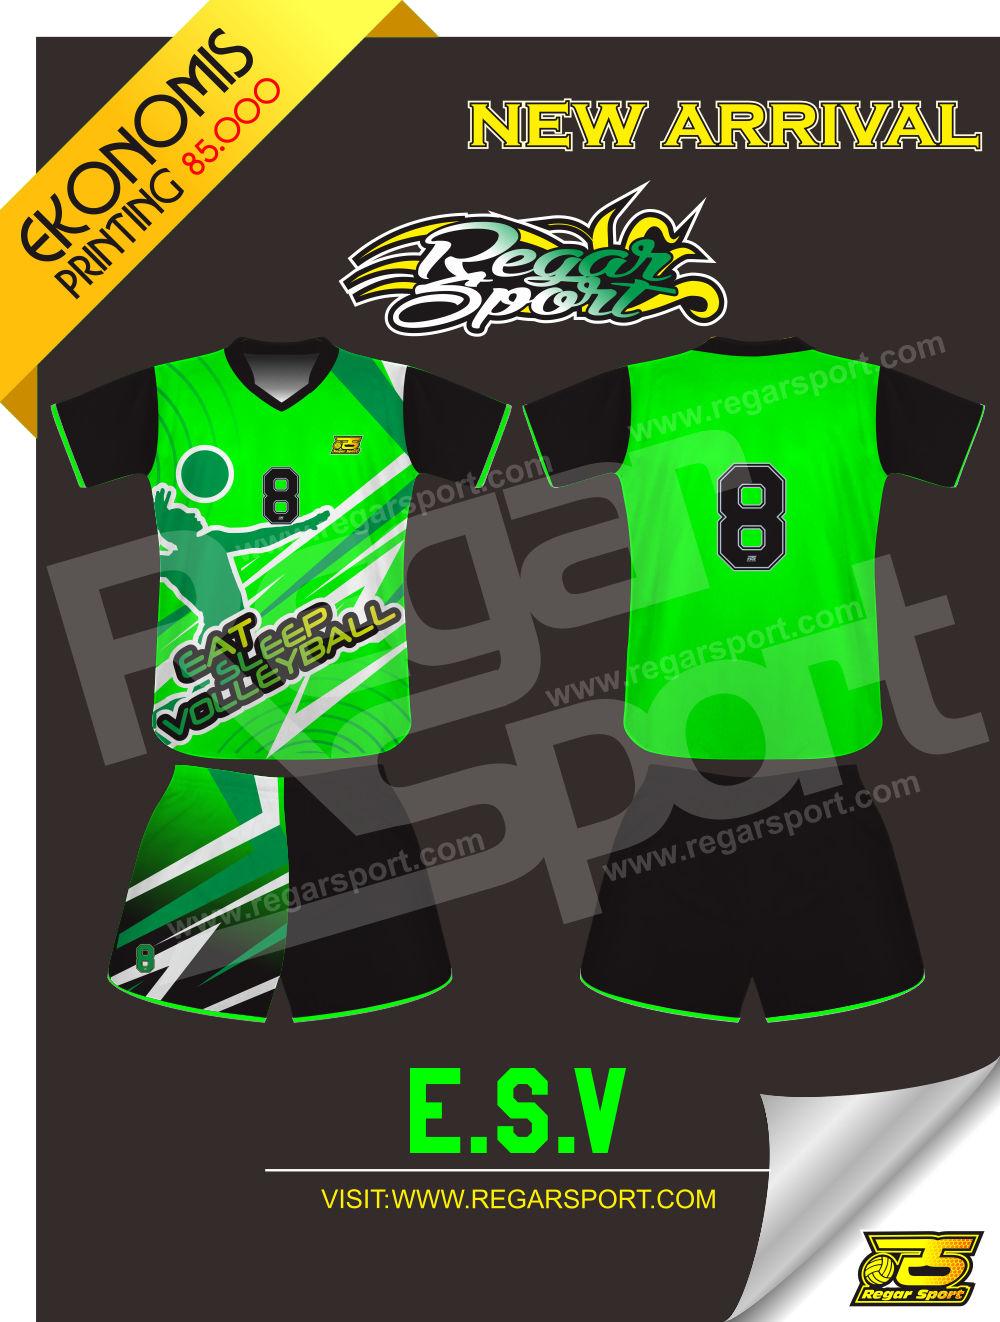 Harga Jual Bola Volley Murah Gambar Permainan Olahraga Bola Voli Game Net Jaring Gambar Jual